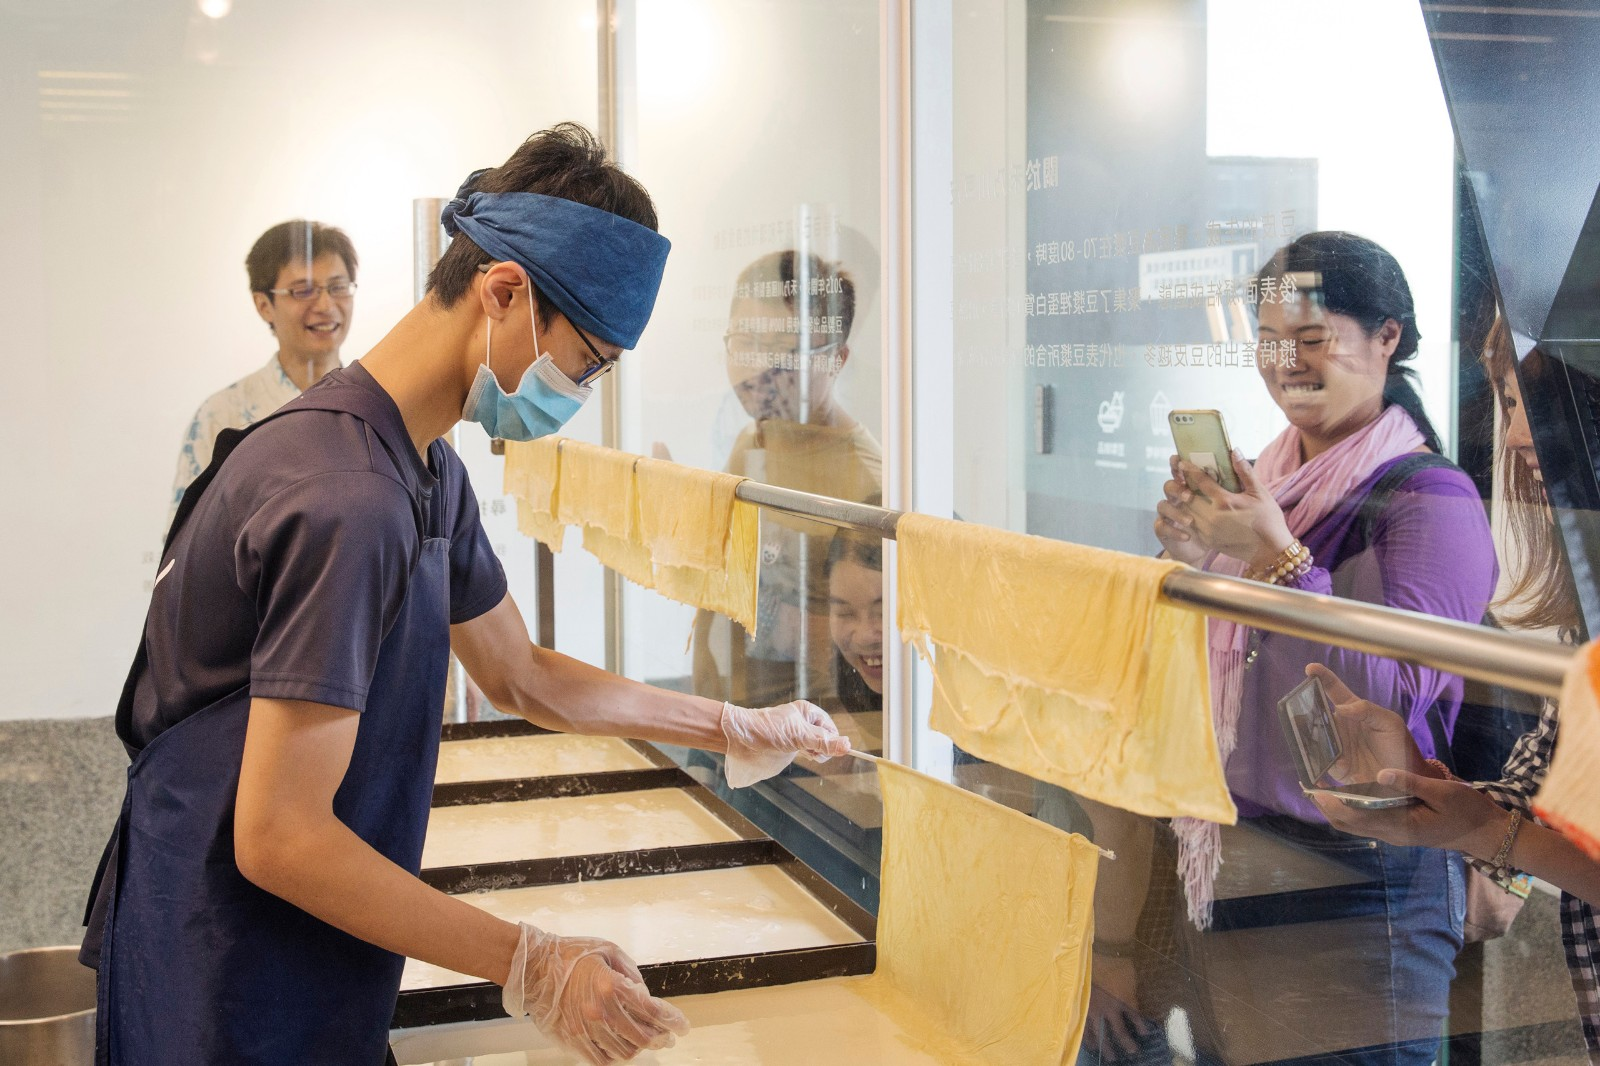 一日職人DIY體驗 - 三峽豆腐職人   甘樂文創   甘之如飴,樂在其中